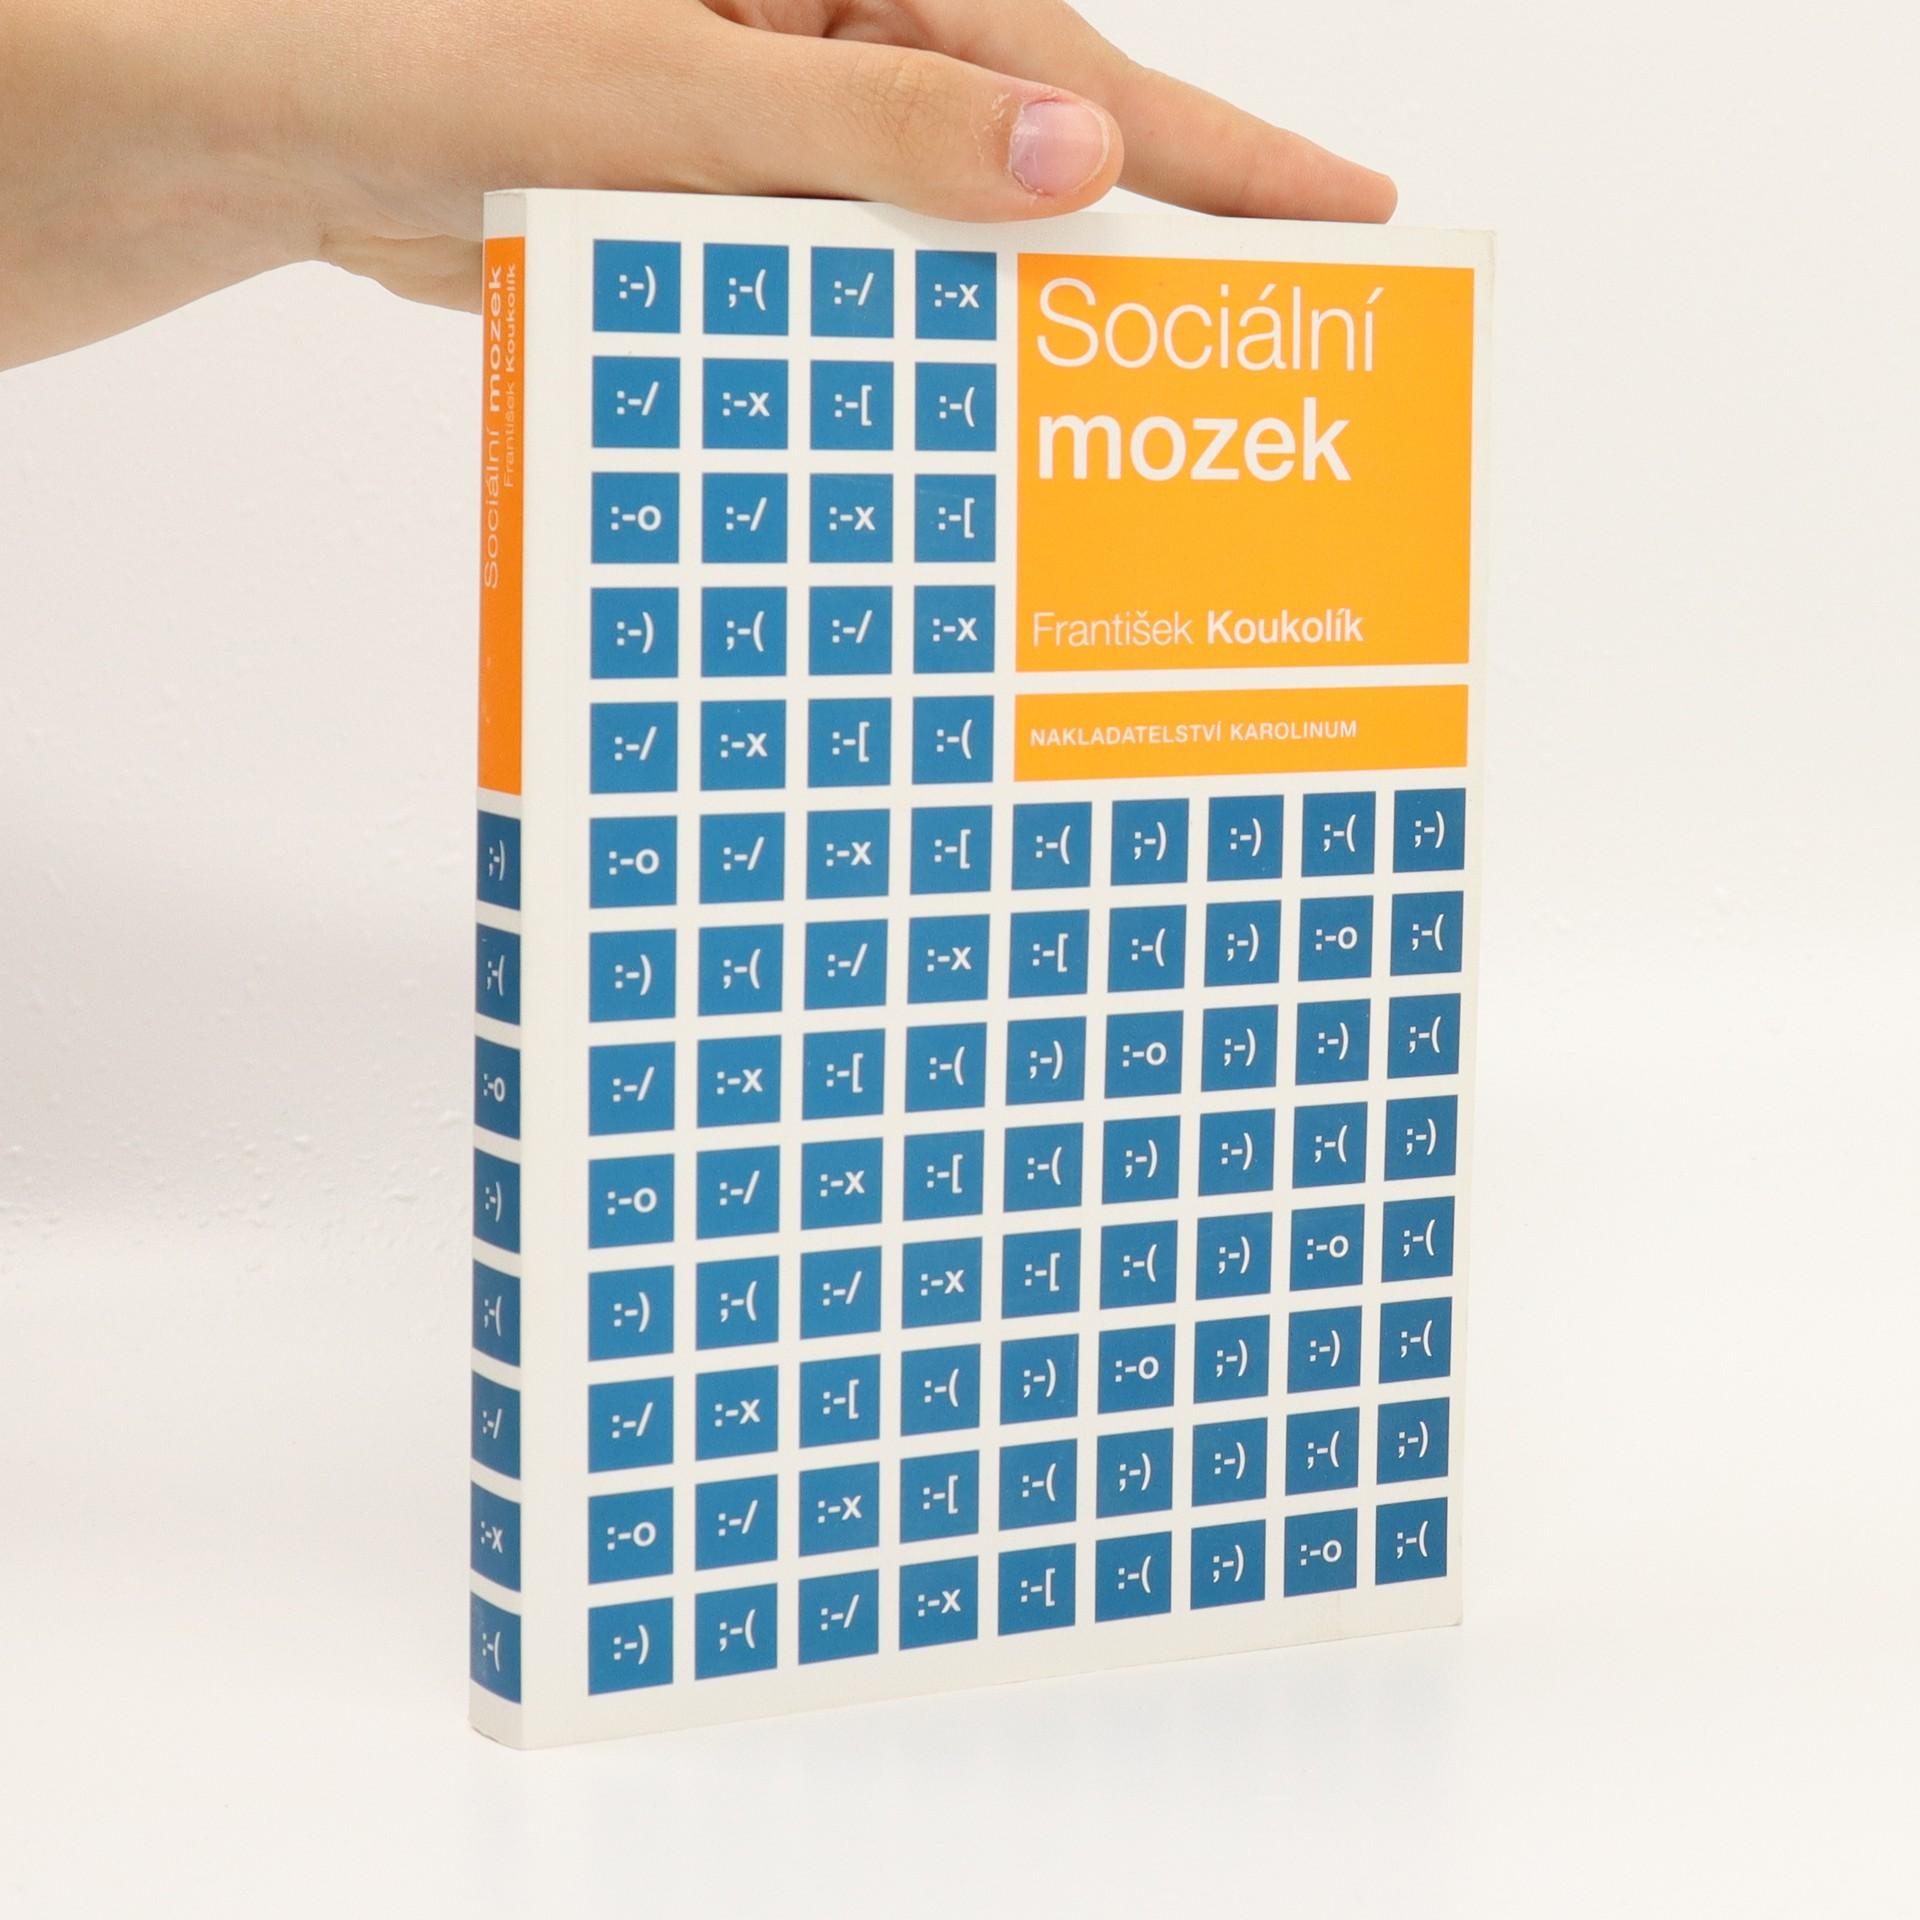 antikvární kniha Sociální mozek, 2007